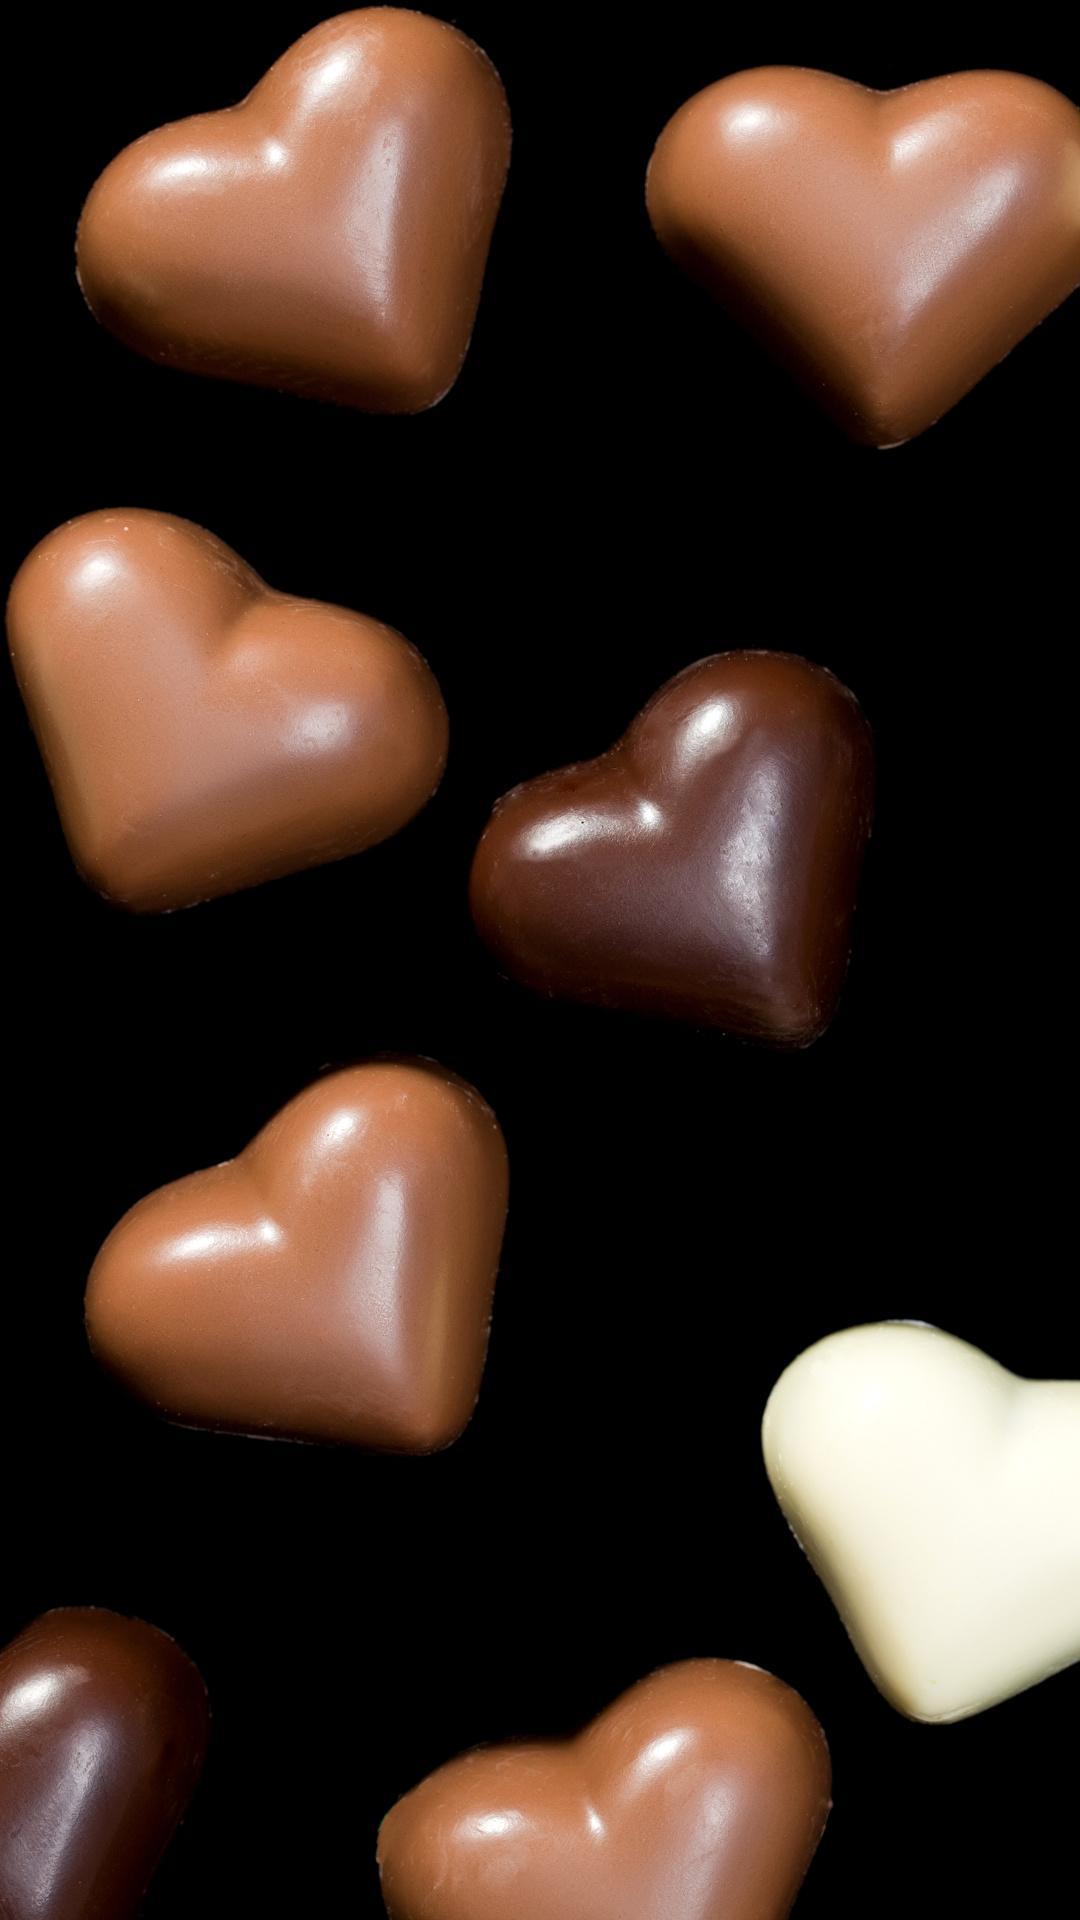 Обои для рабочего стола День всех влюблённых Сердце Шоколад Конфеты Пища Сладости на черном фоне 1080x1920 для мобильного телефона День святого Валентина серце сердца сердечко Еда Продукты питания Черный фон сладкая еда